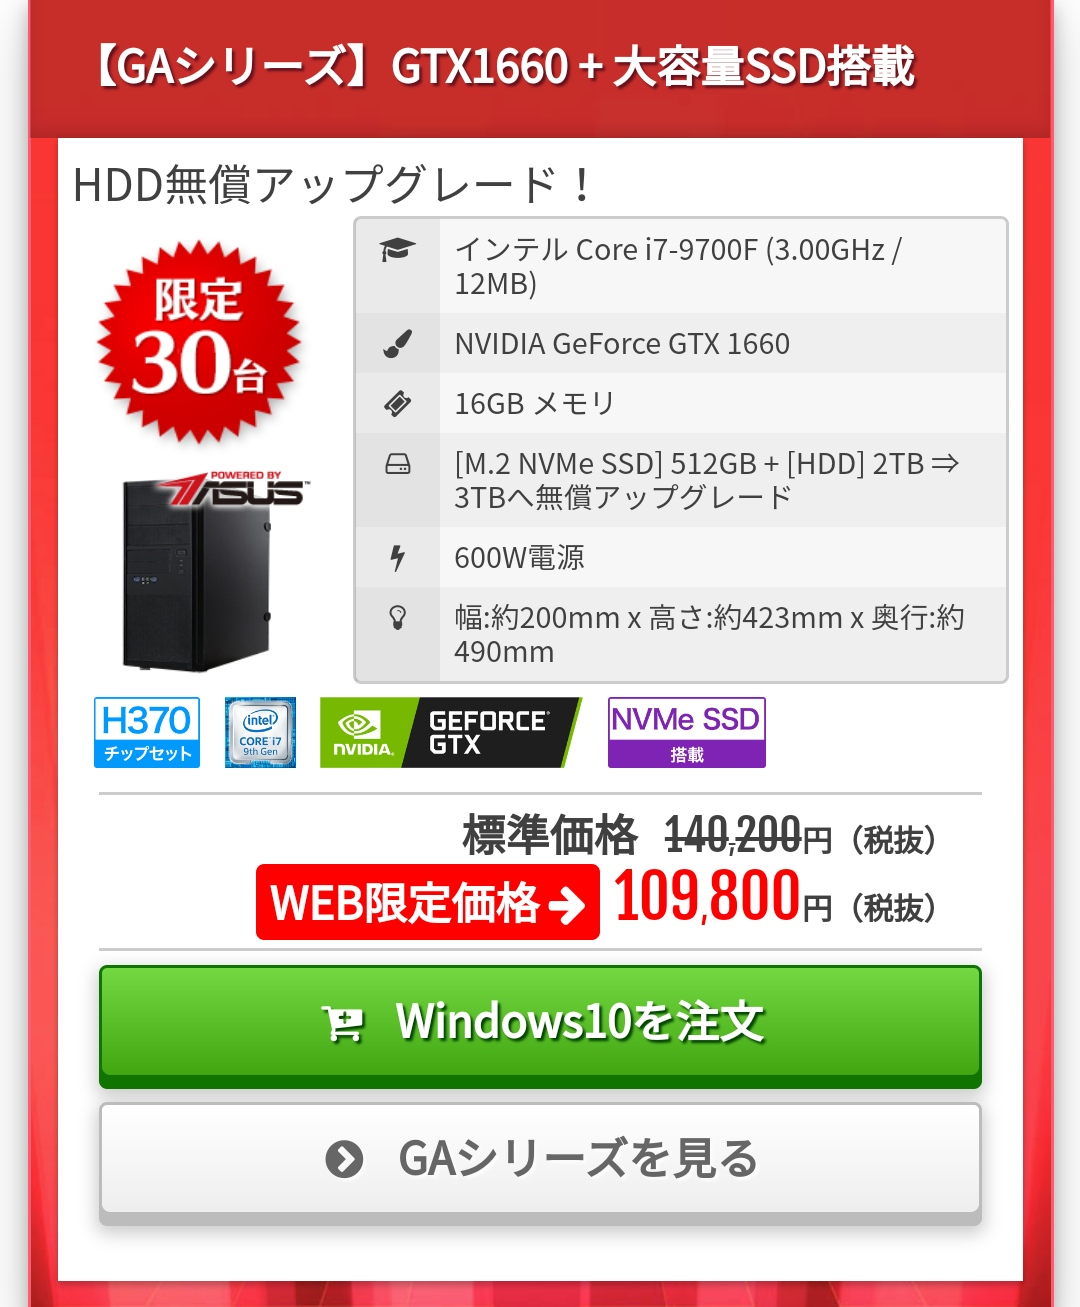 FPNQhPN - 【画像】フロンティアのゲーミングPC、ガチのマジで安い